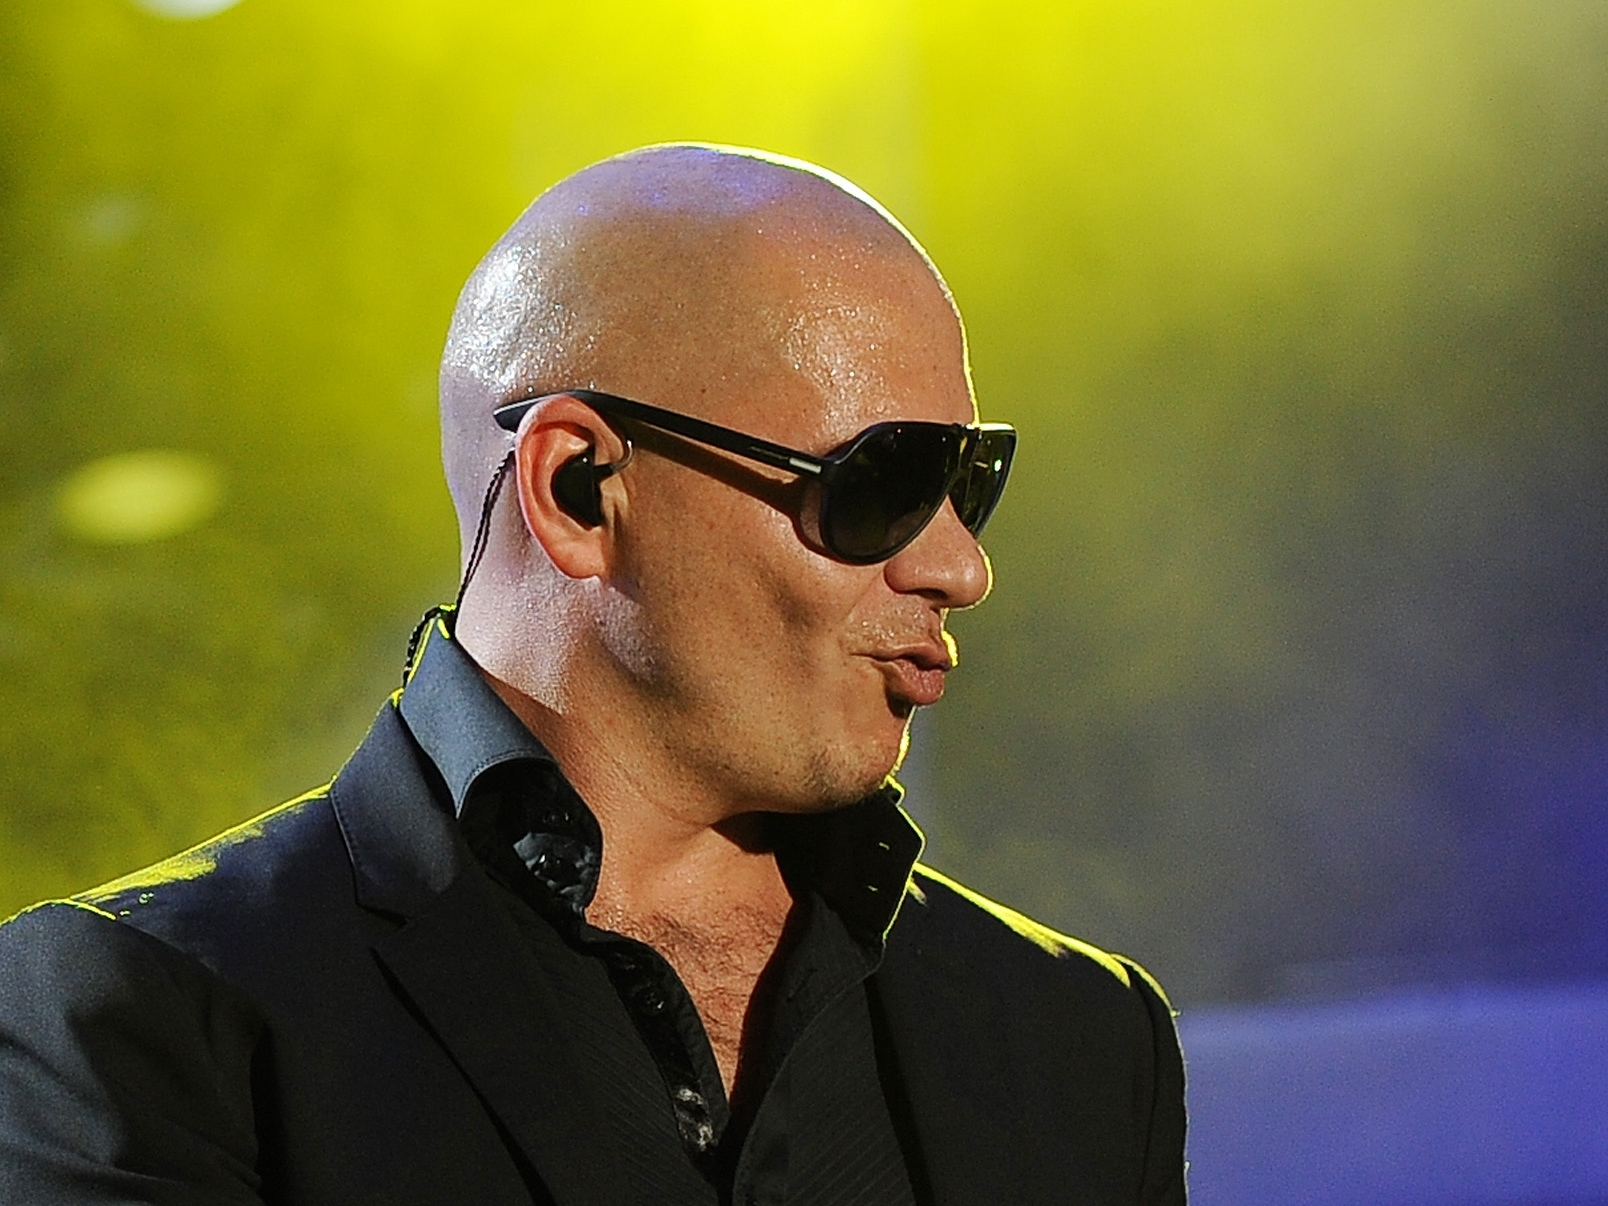 Pitbull rapper foto 4